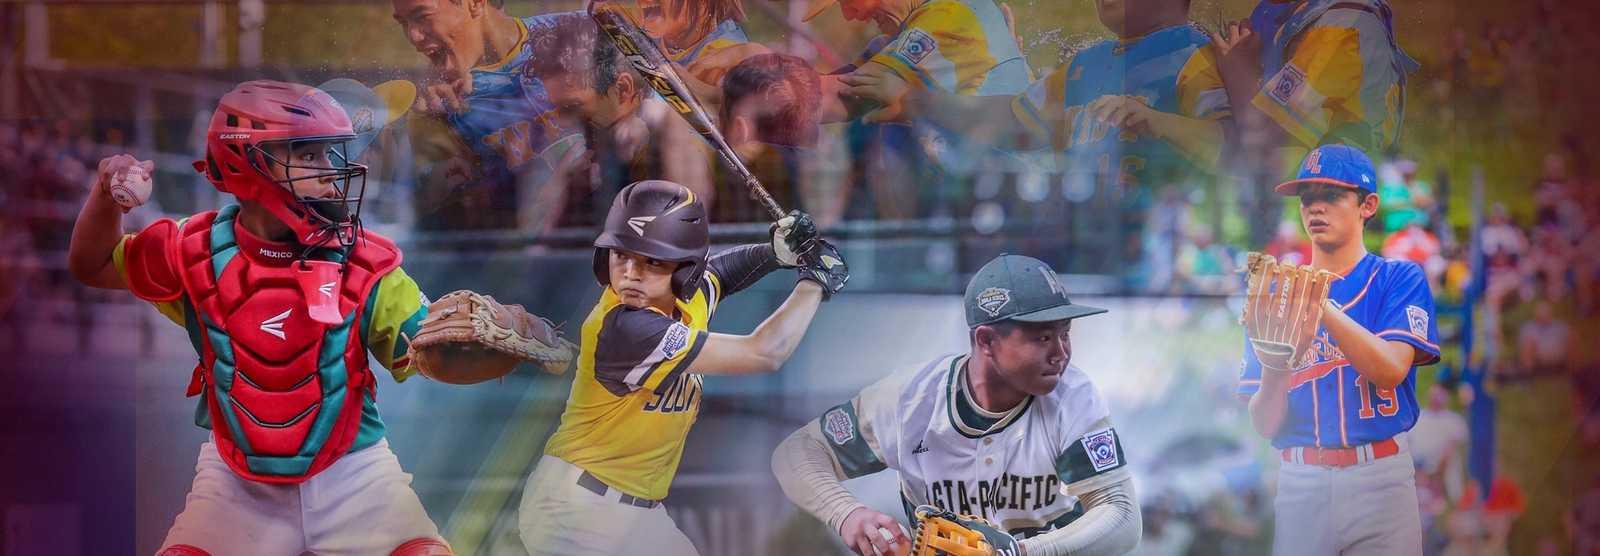 2018-little-league-baseball-world-series